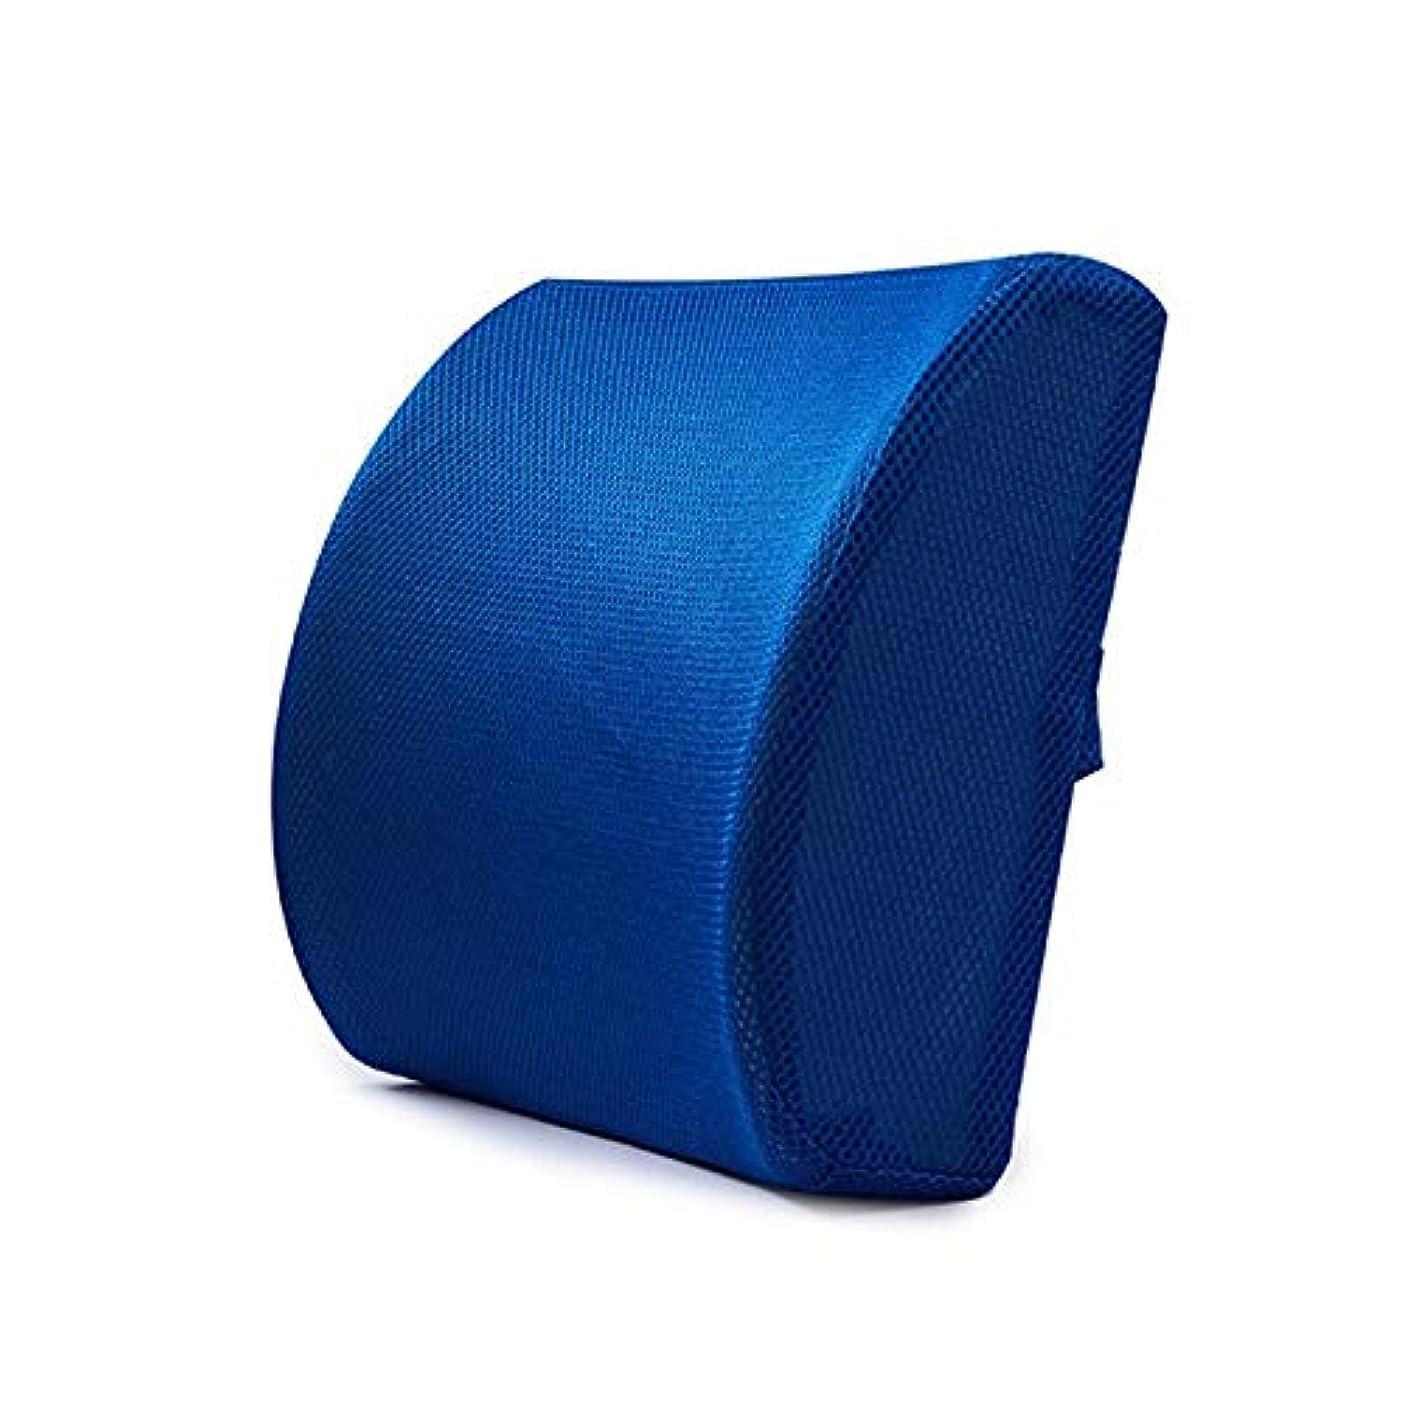 クラス深い破裂LIFE ホームオフィス背もたれ椅子腰椎クッションカーシートネック枕 3D 低反発サポートバックマッサージウエストレスリビング枕 クッション 椅子